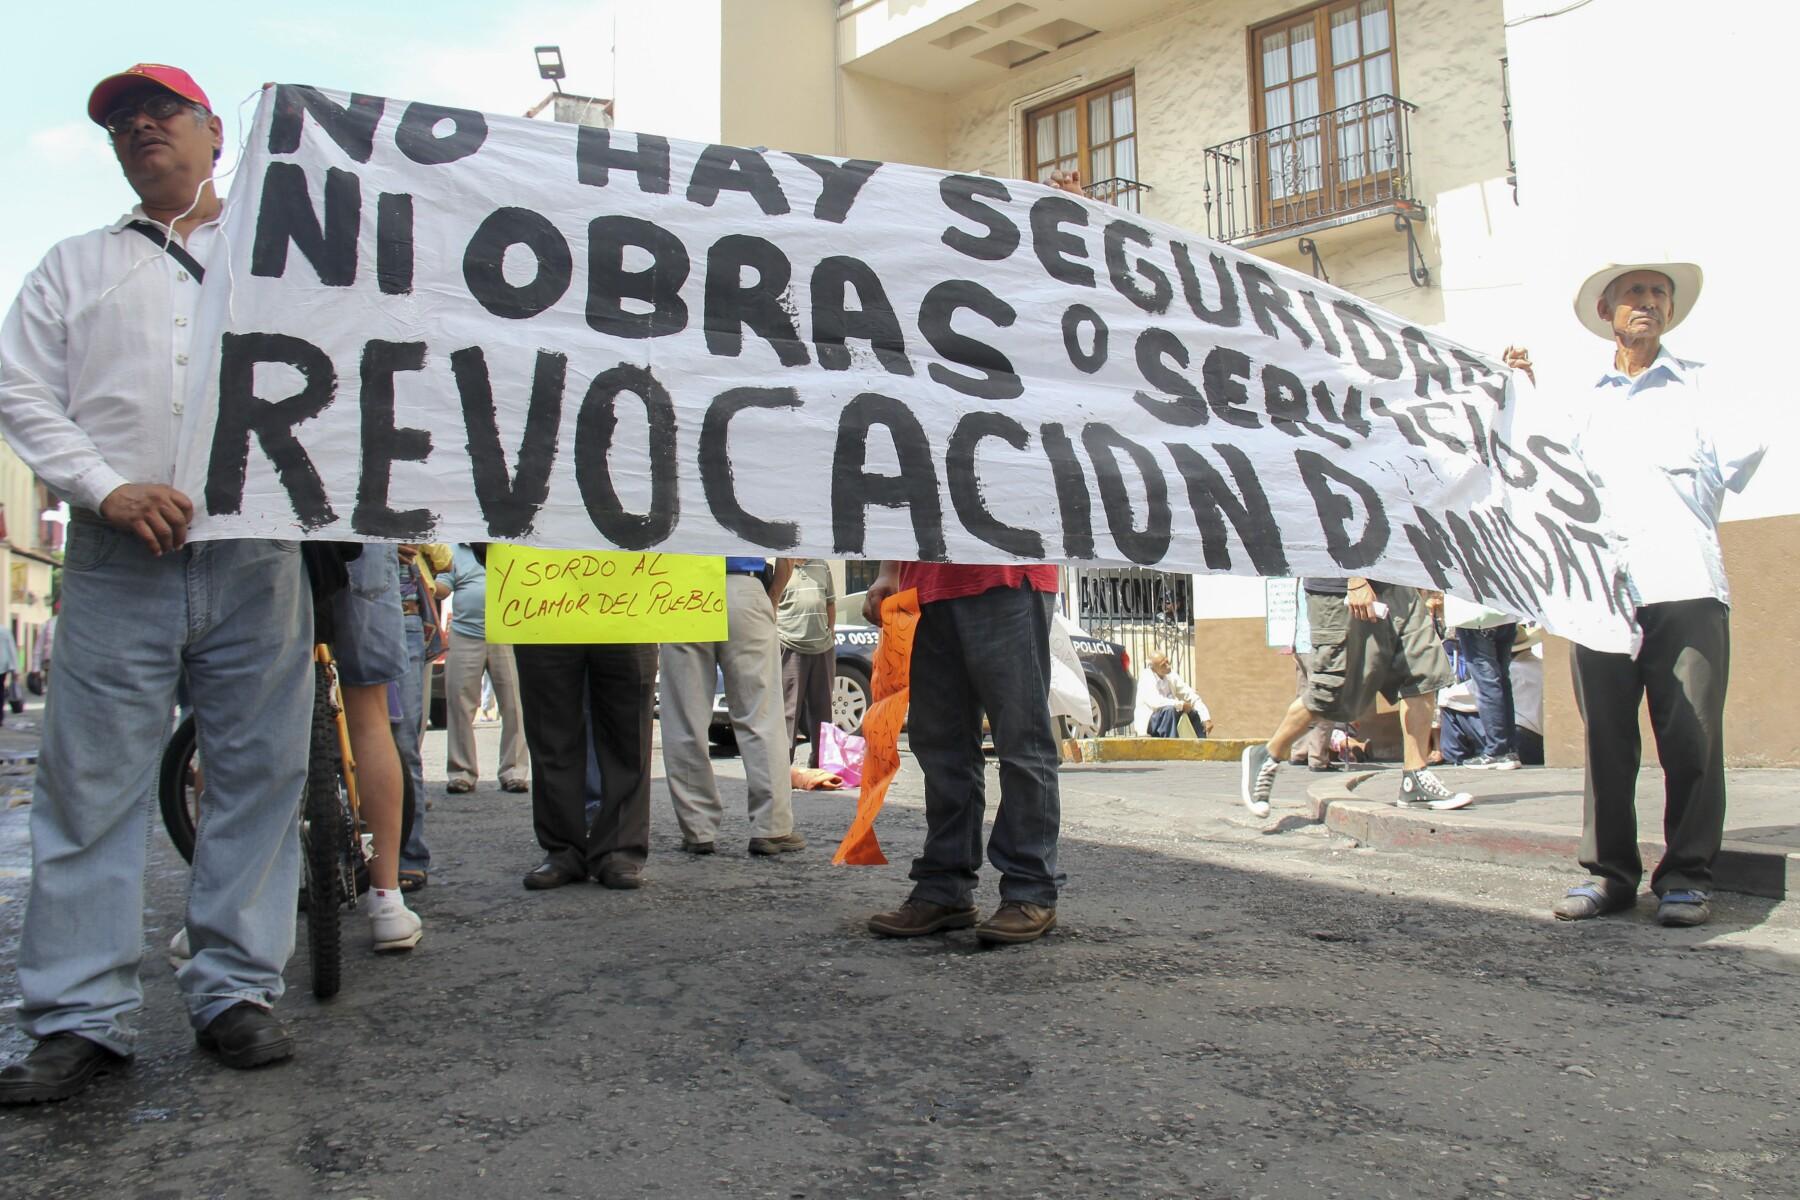 ciudadanos piden revocación de mandato.jpg